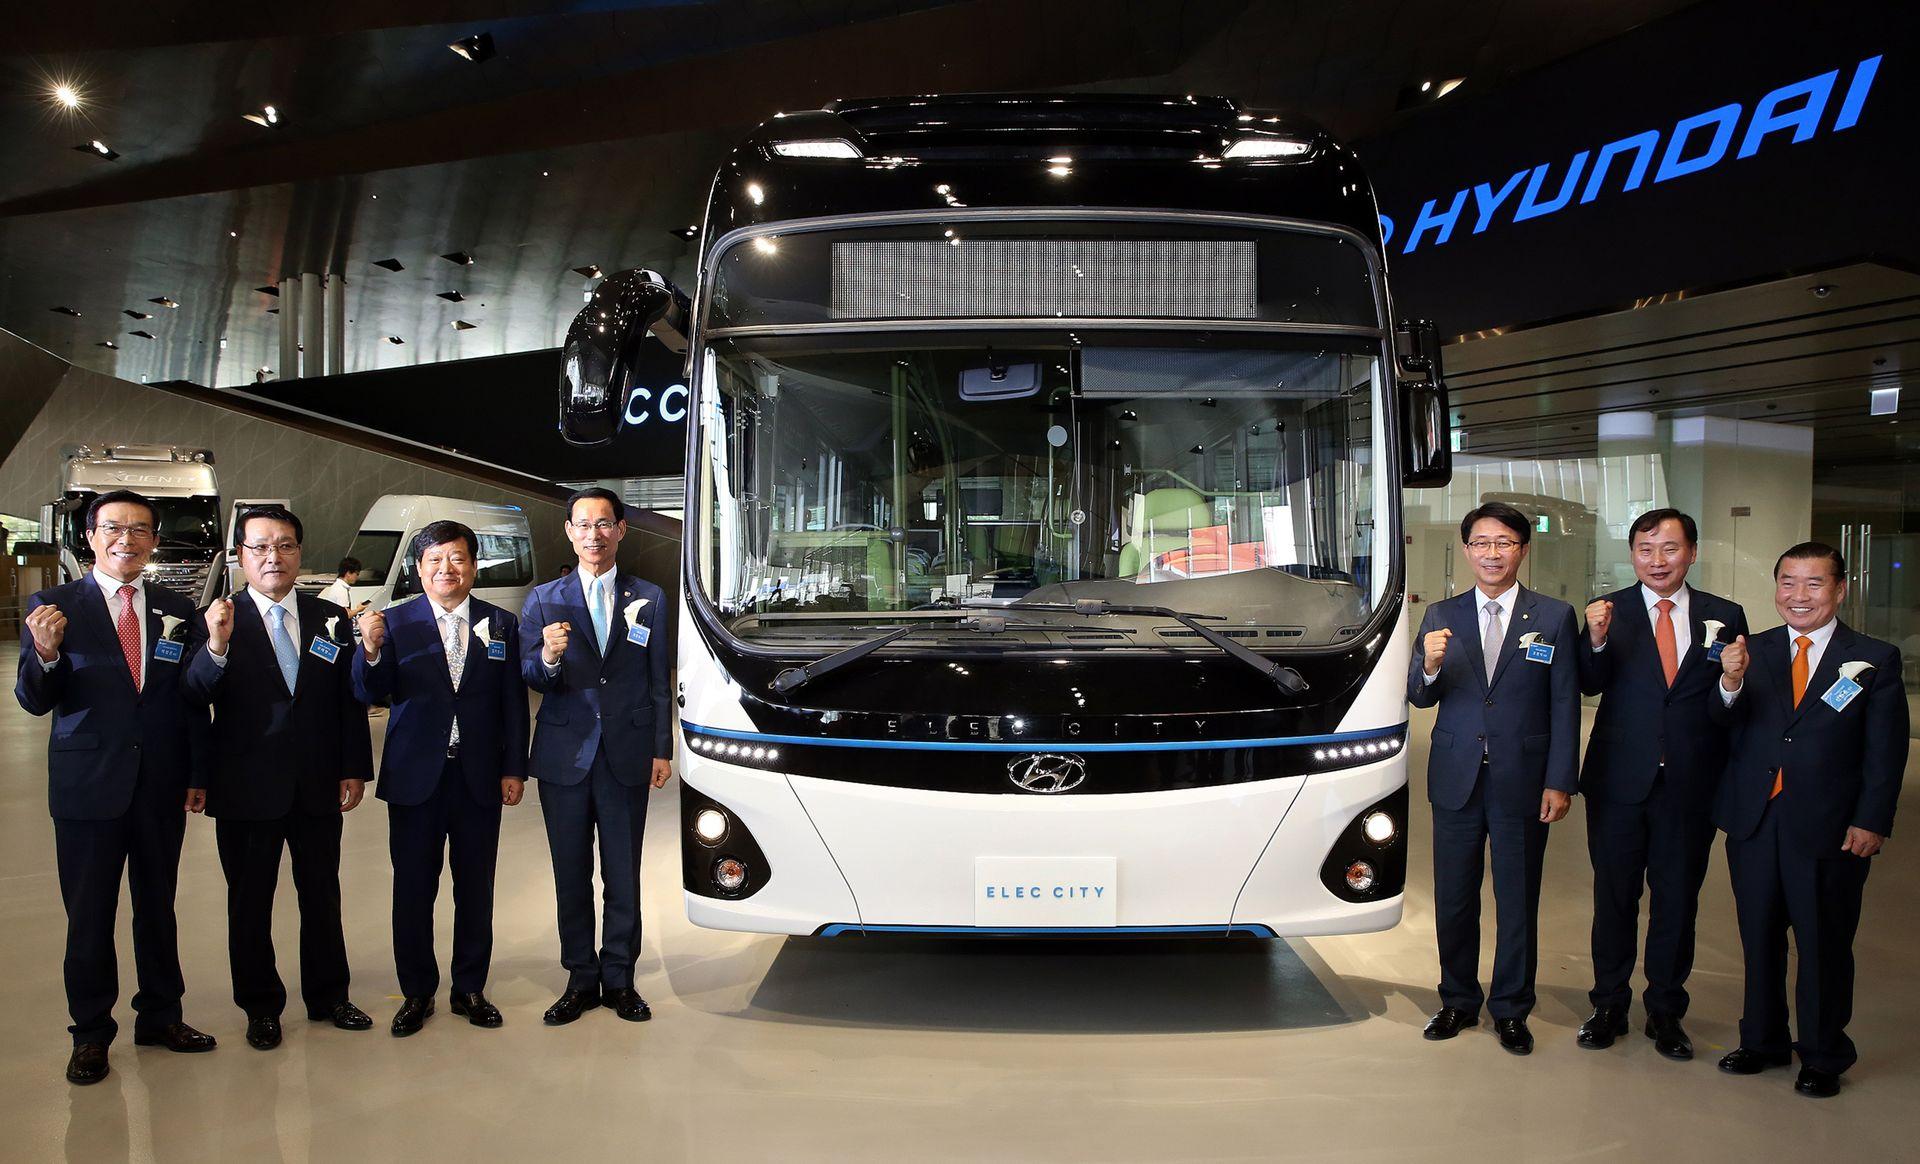 现代发布Elec City 纯电动巴士 续航里程290公里.jpg